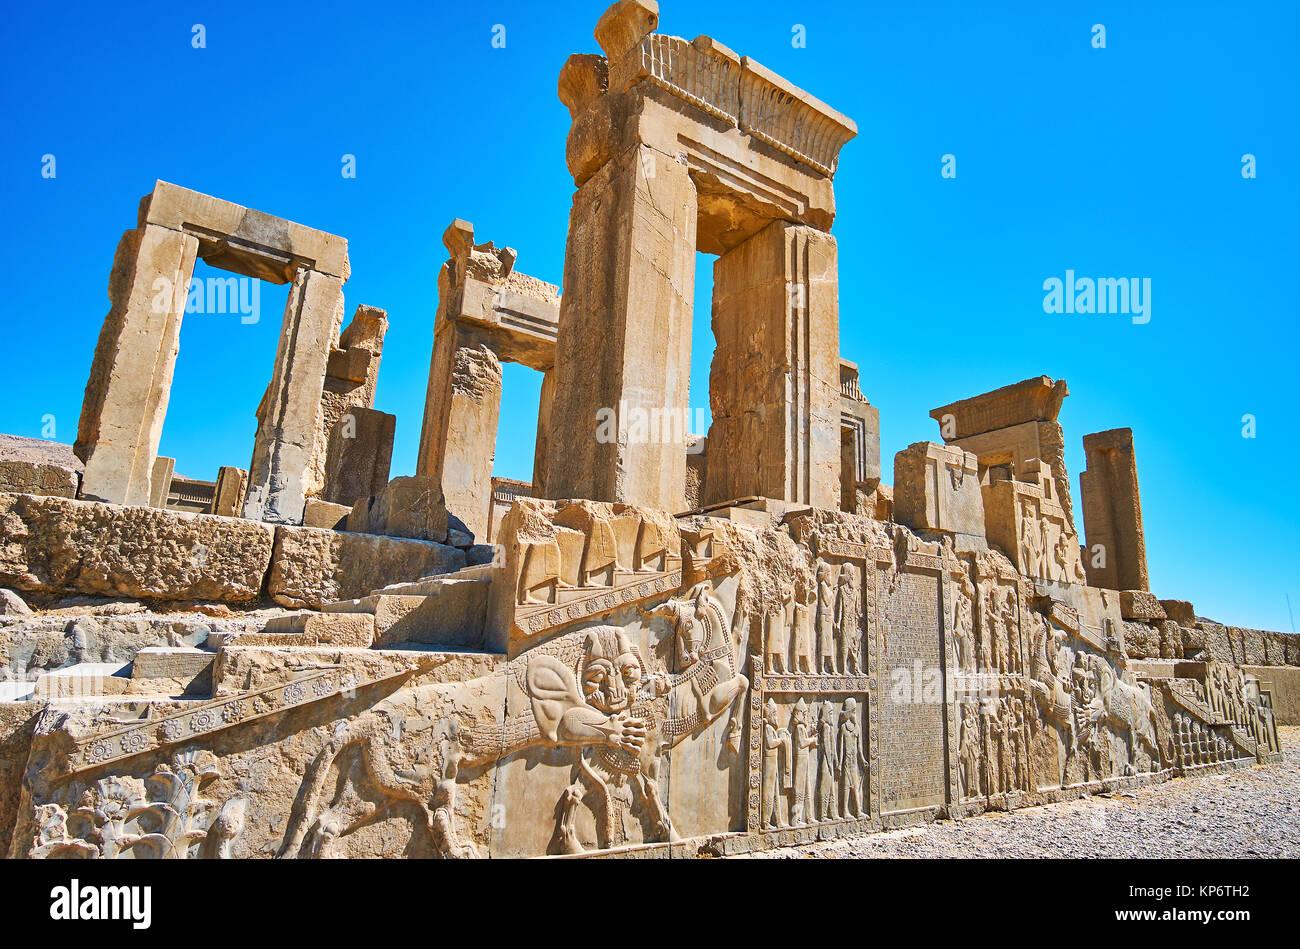 Sitio arqueológico de Persépolis ostenta conservan relieves representando escenas clásicas, tales como león mordiendo Foto de stock